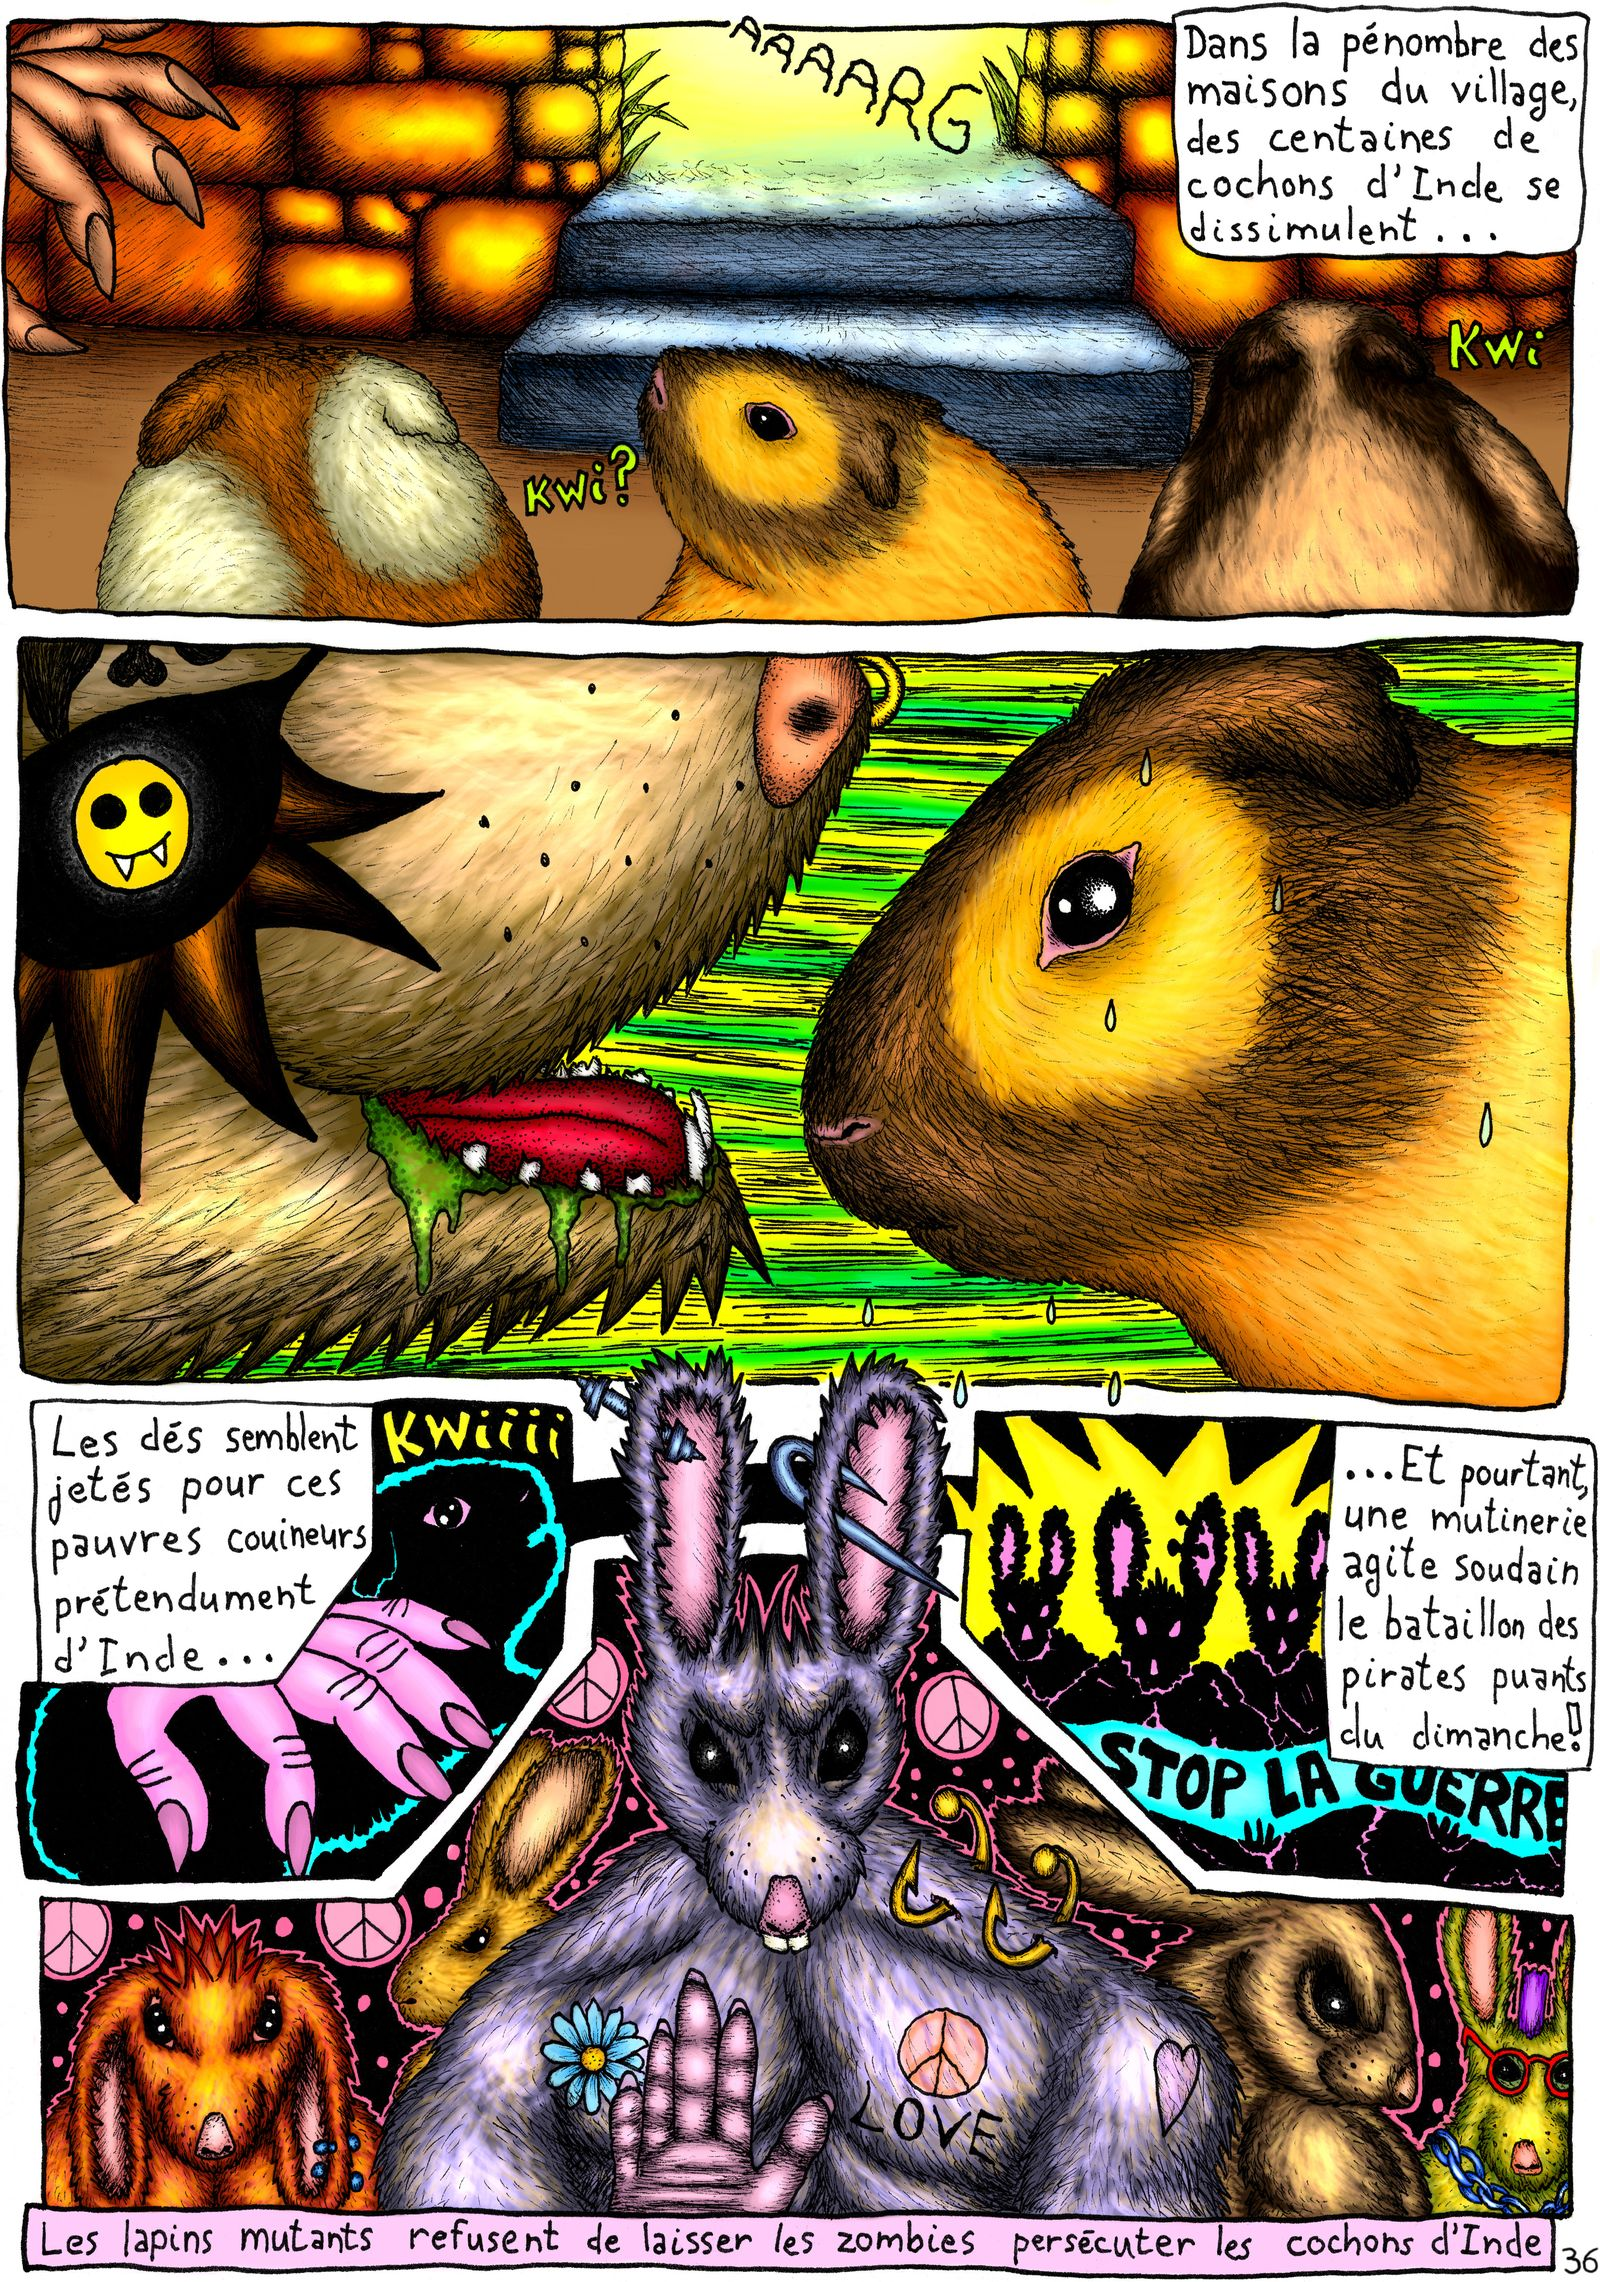 Lapins pacifistes Vs méchants rongeurs mutants